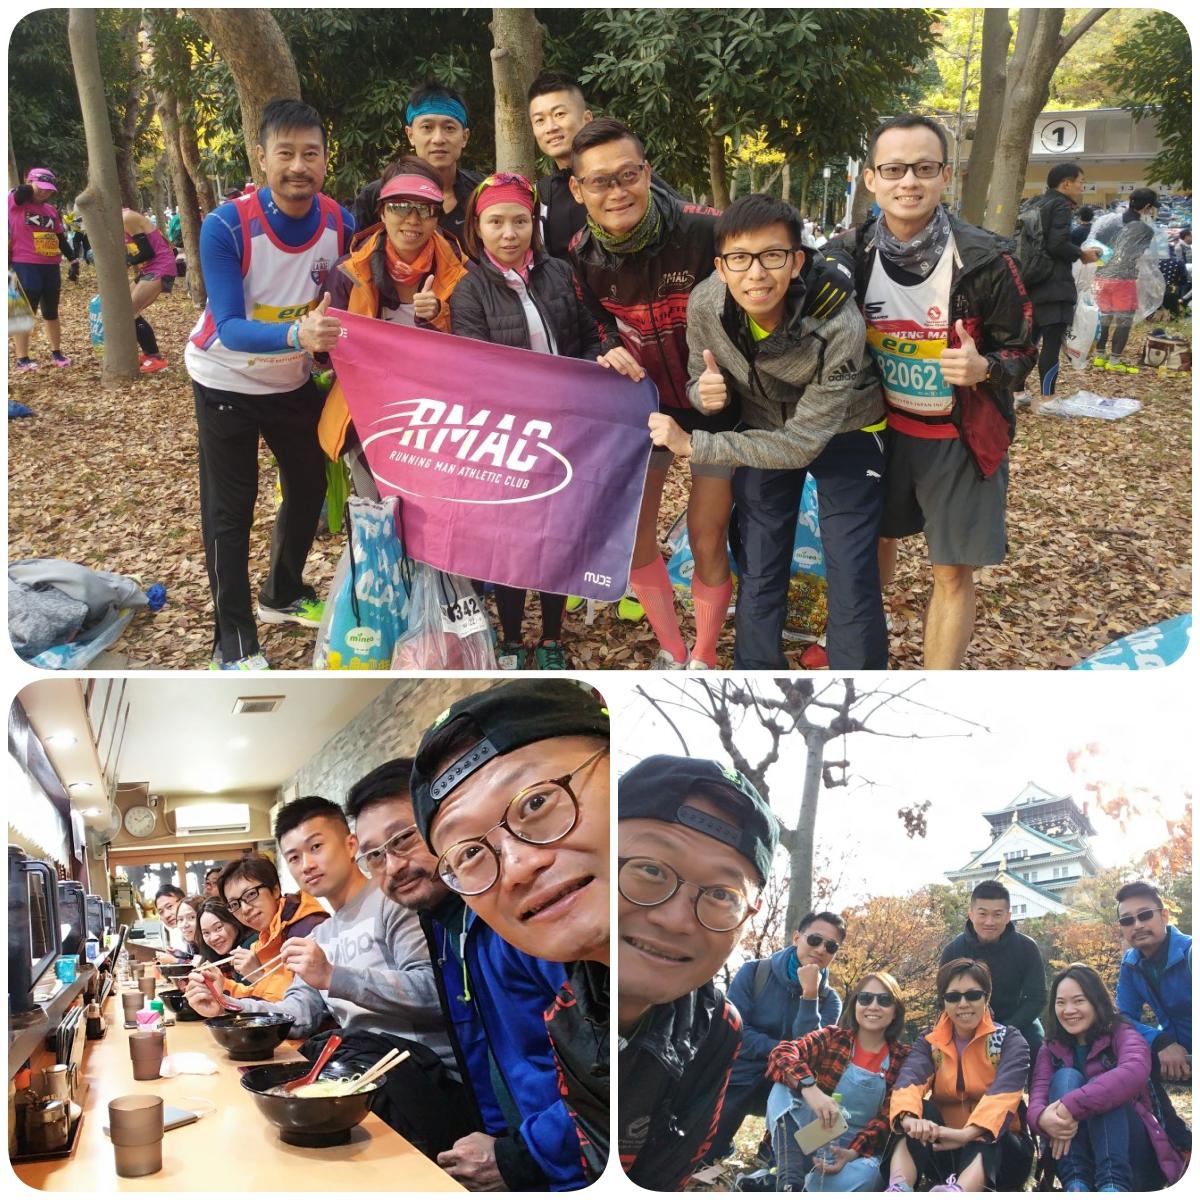 大阪馬拉松 - 與神戶馬拉松相隔一星期,第7屆大阪馬拉松在一星期後都舉行。本會多位同學包括Donny, Ricky, Kelvin, 宋的,Jenny,油麥菜,Ben等等。